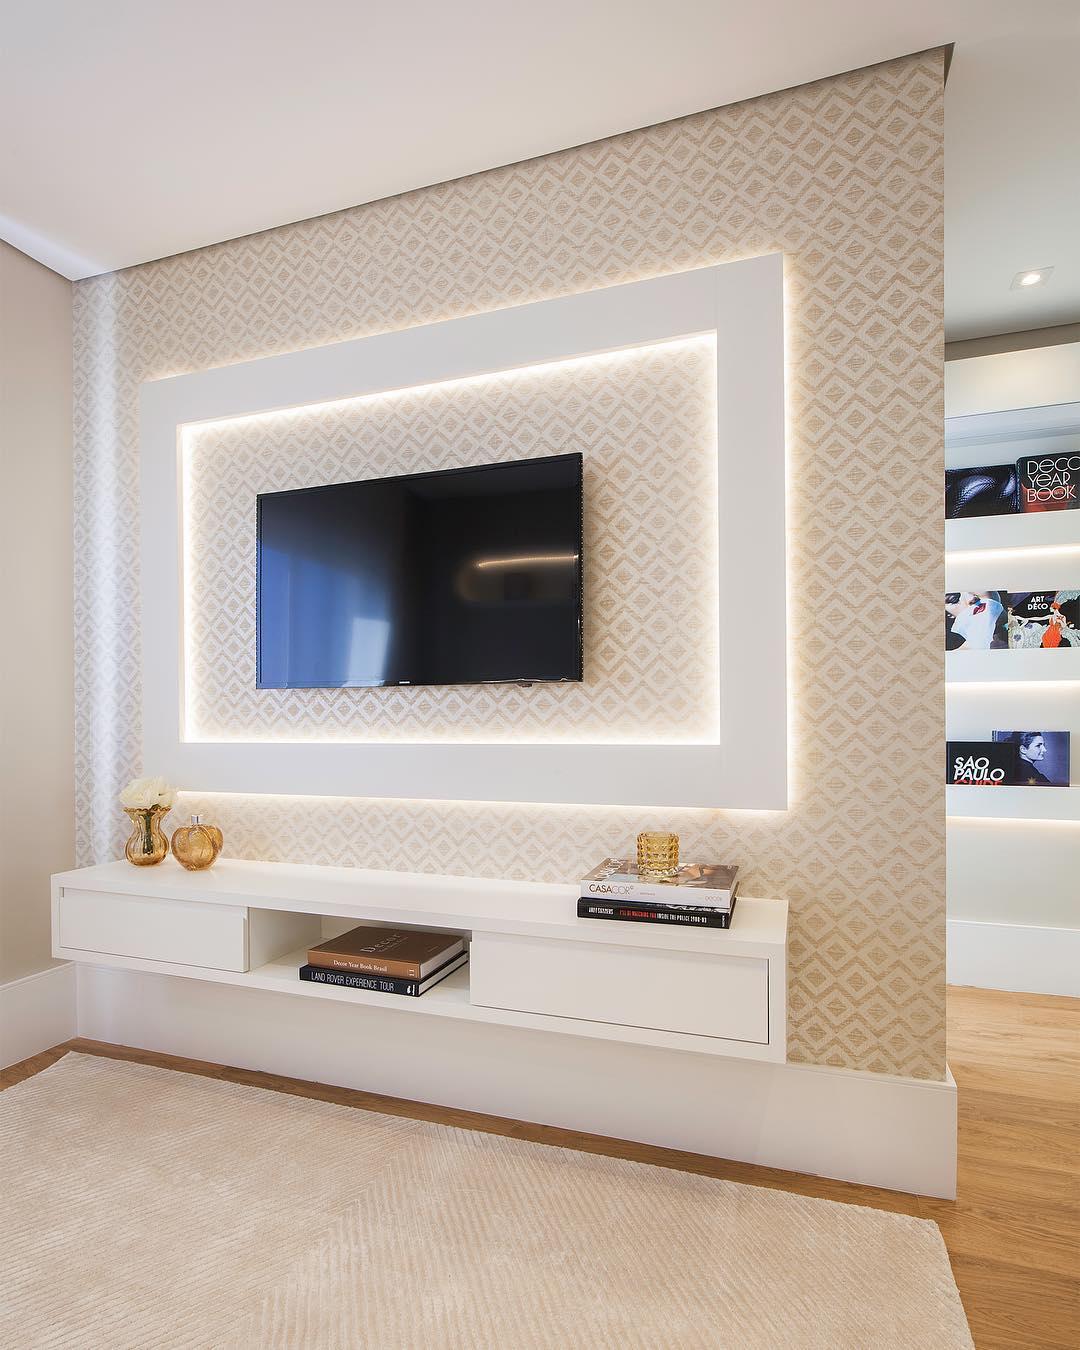 دکوراسیون دیوار پشت تلویزیون با کناف و کاغذ دیواری در خانه مدرن